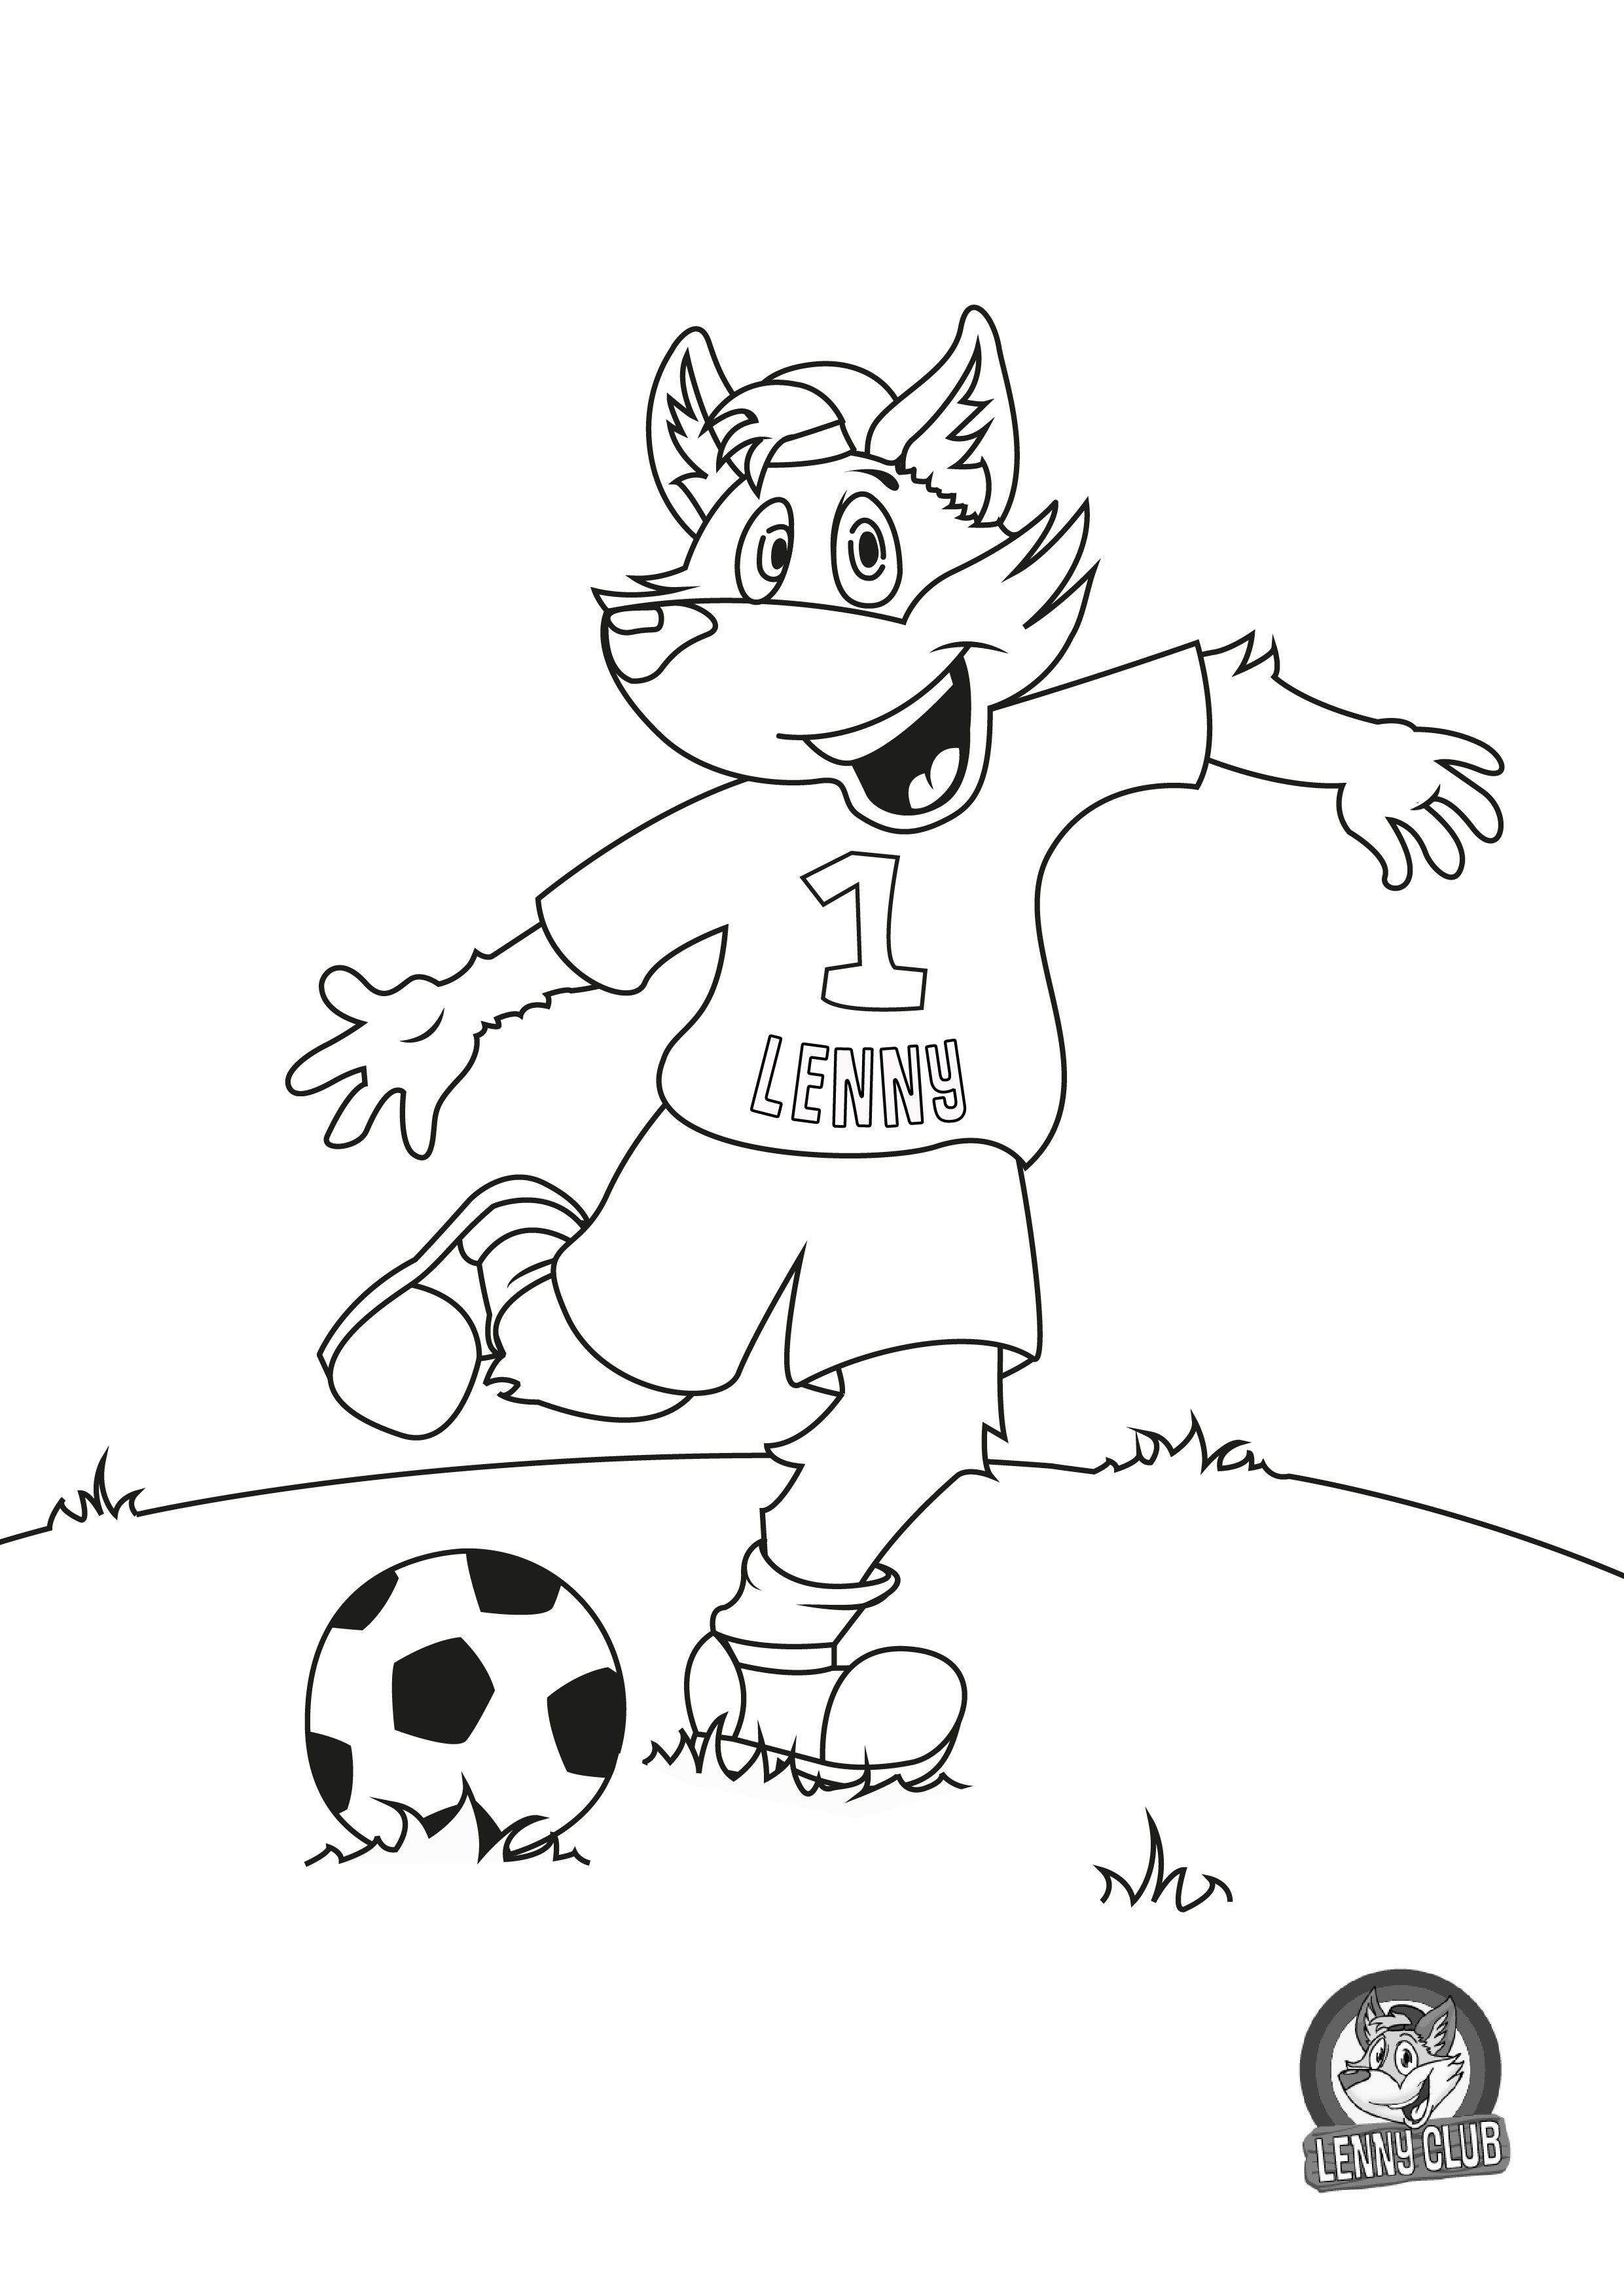 Kleurplaten Voor Volwassenen Voetbal.Lenny Kleurplaat Voetbal Kleurplaten Character Snoopy En